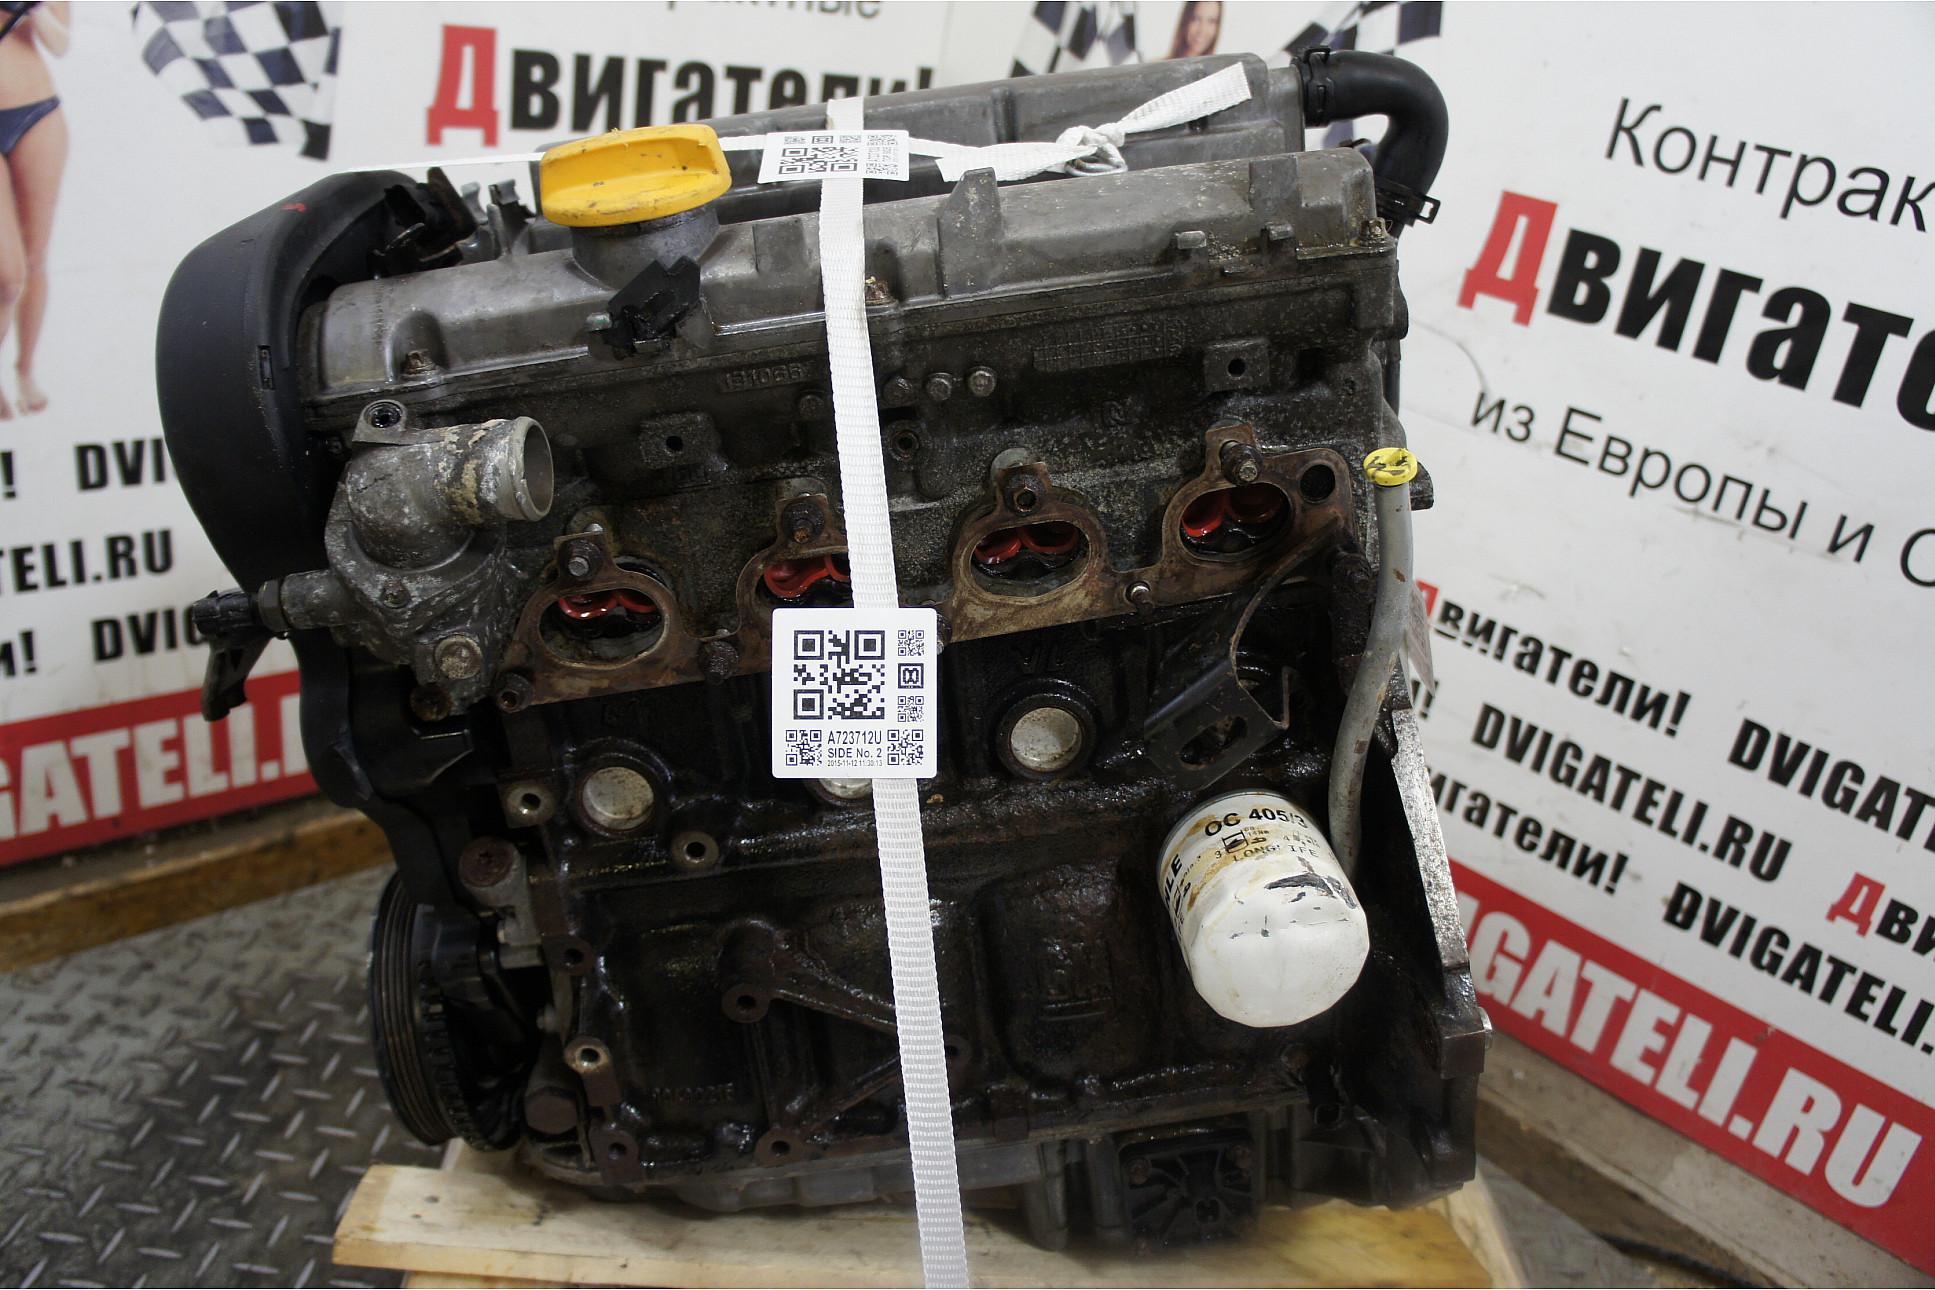 Как пригнать авто с россии в казахстан